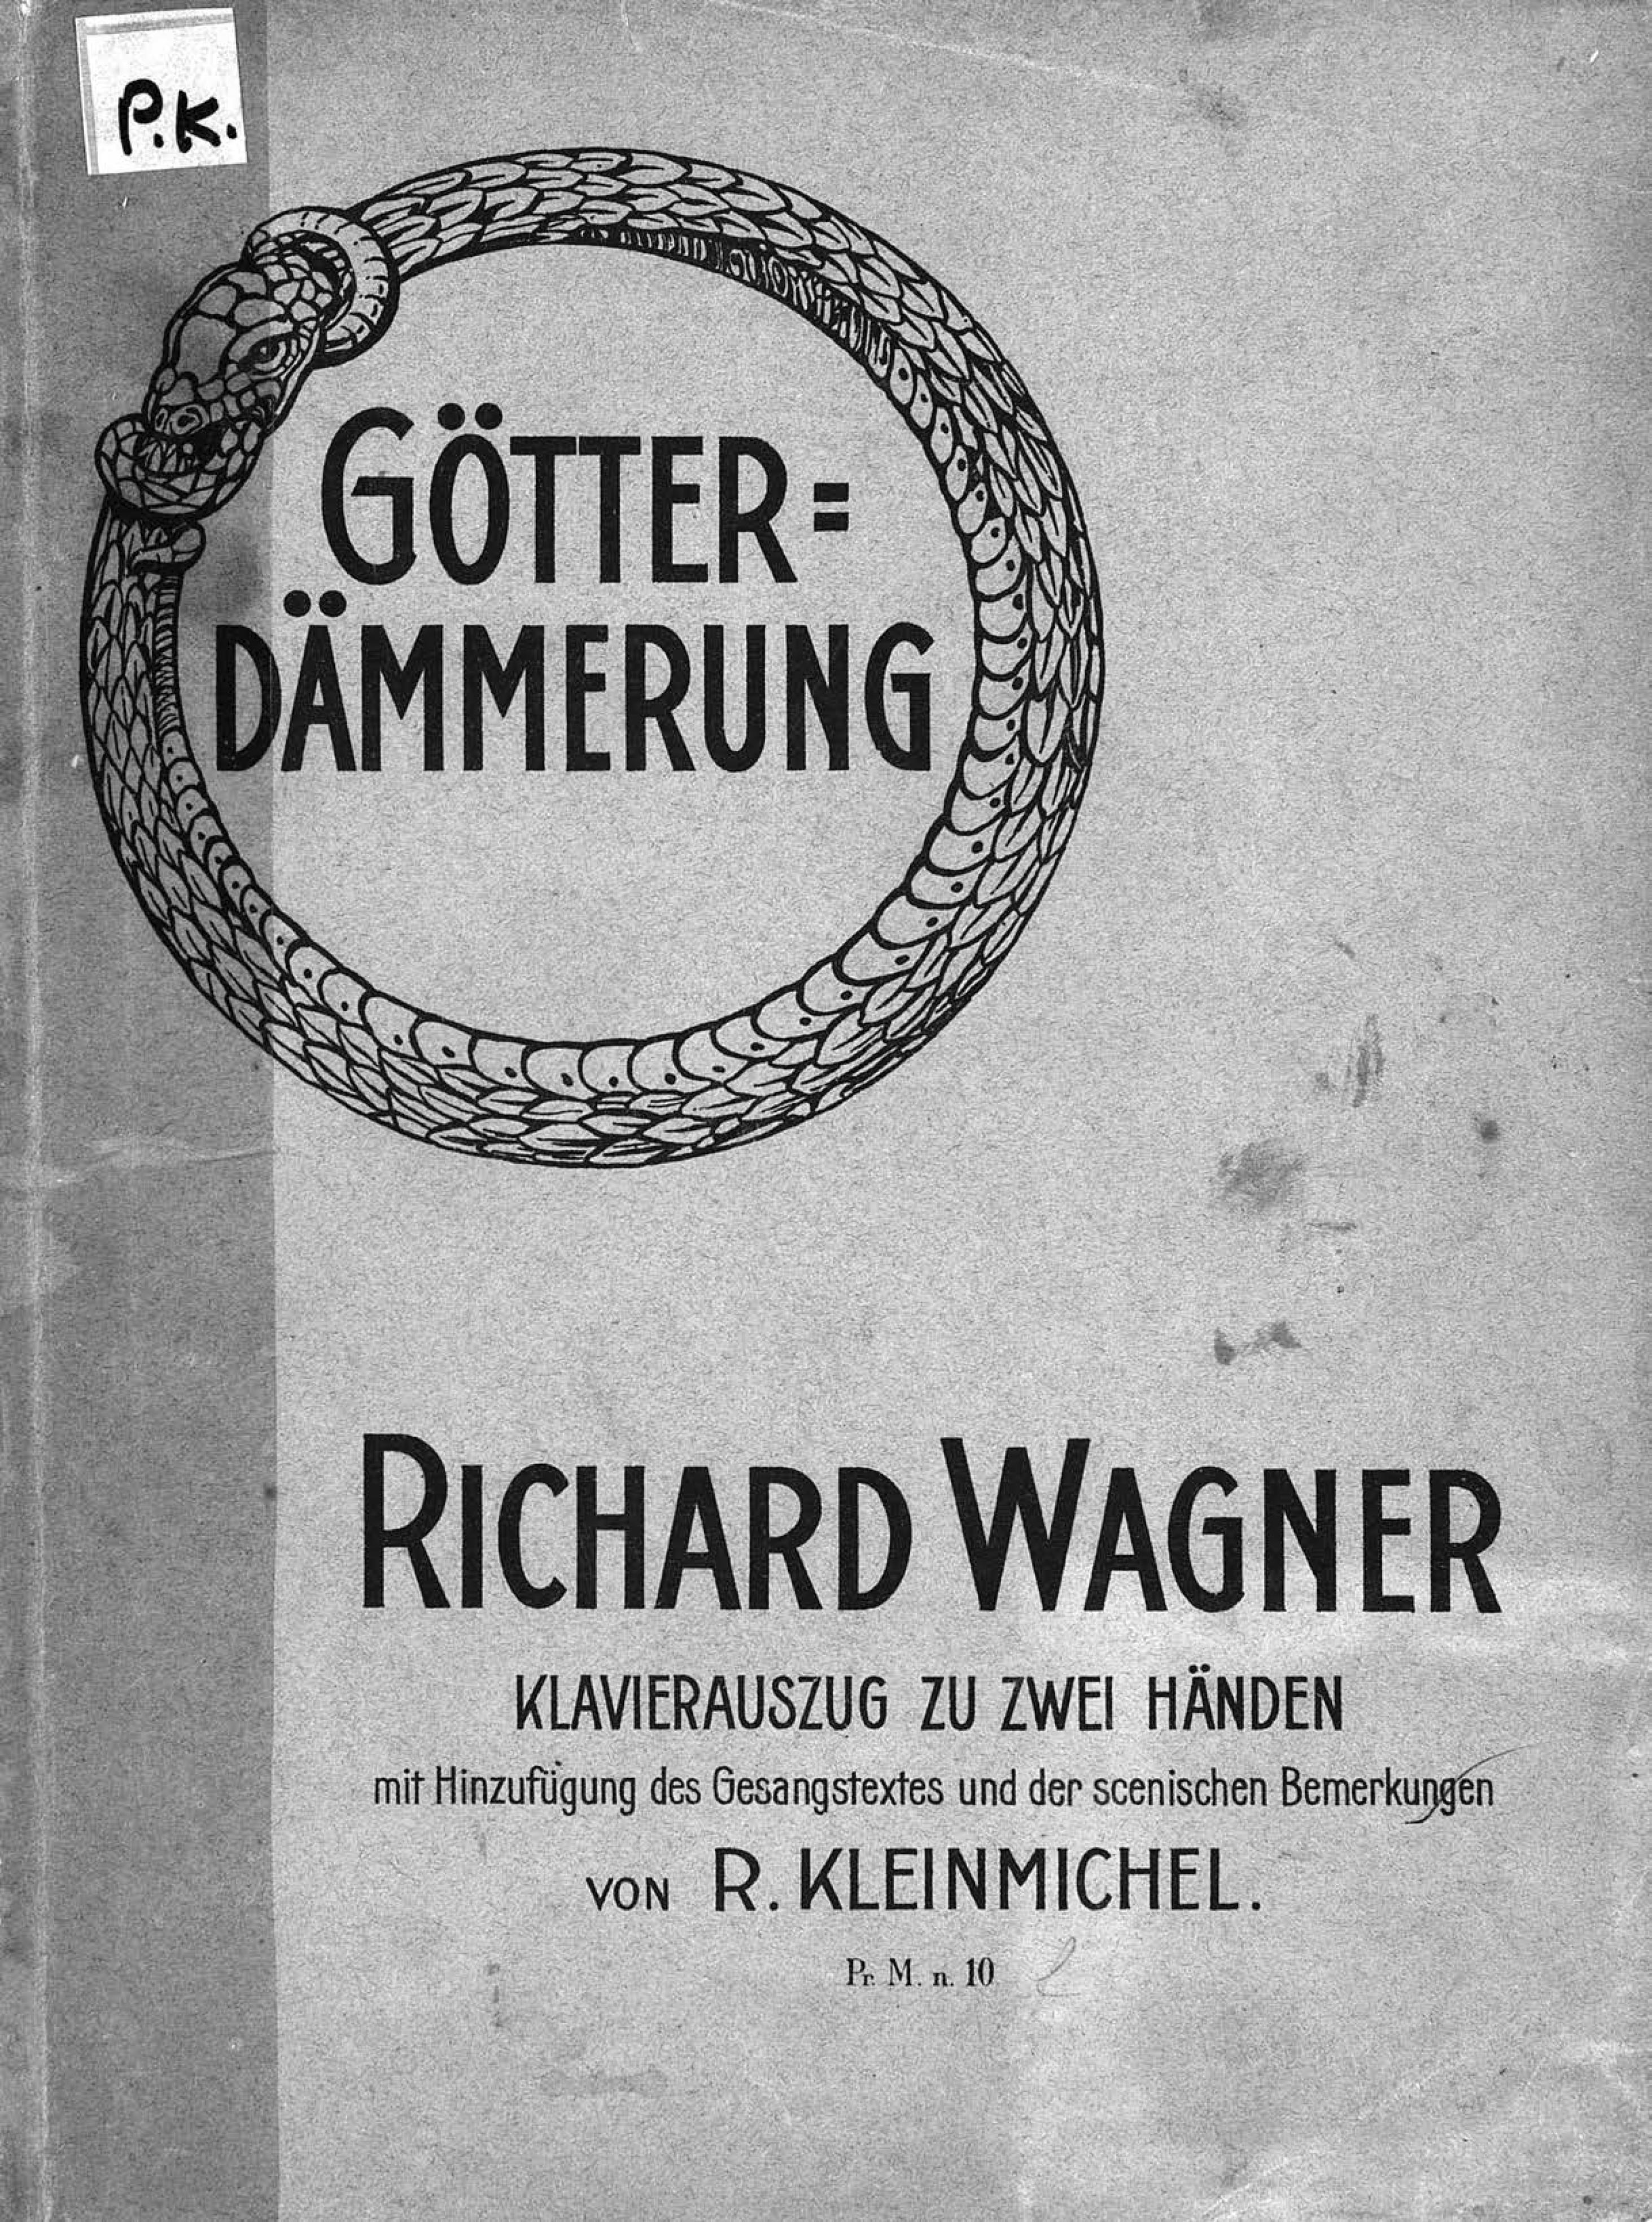 все цены на Рихард Вагнер Gotterdammerung онлайн